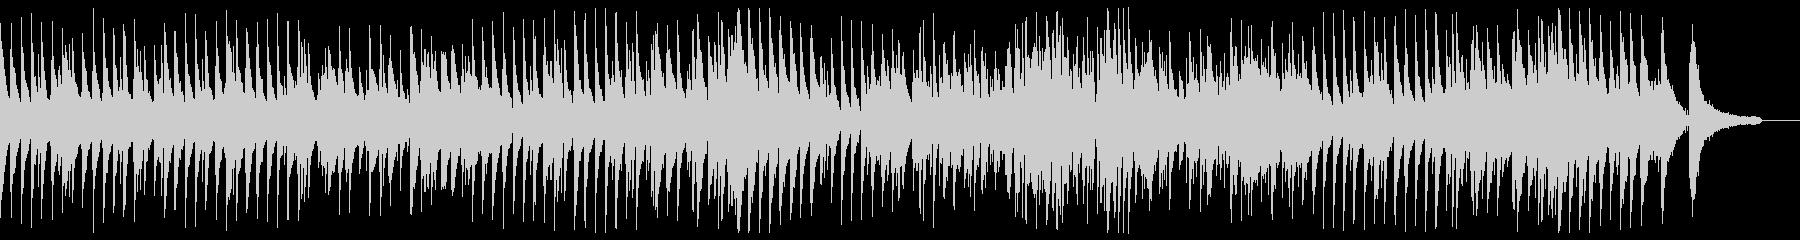 軽やかでエレガントなジャズワルツの未再生の波形